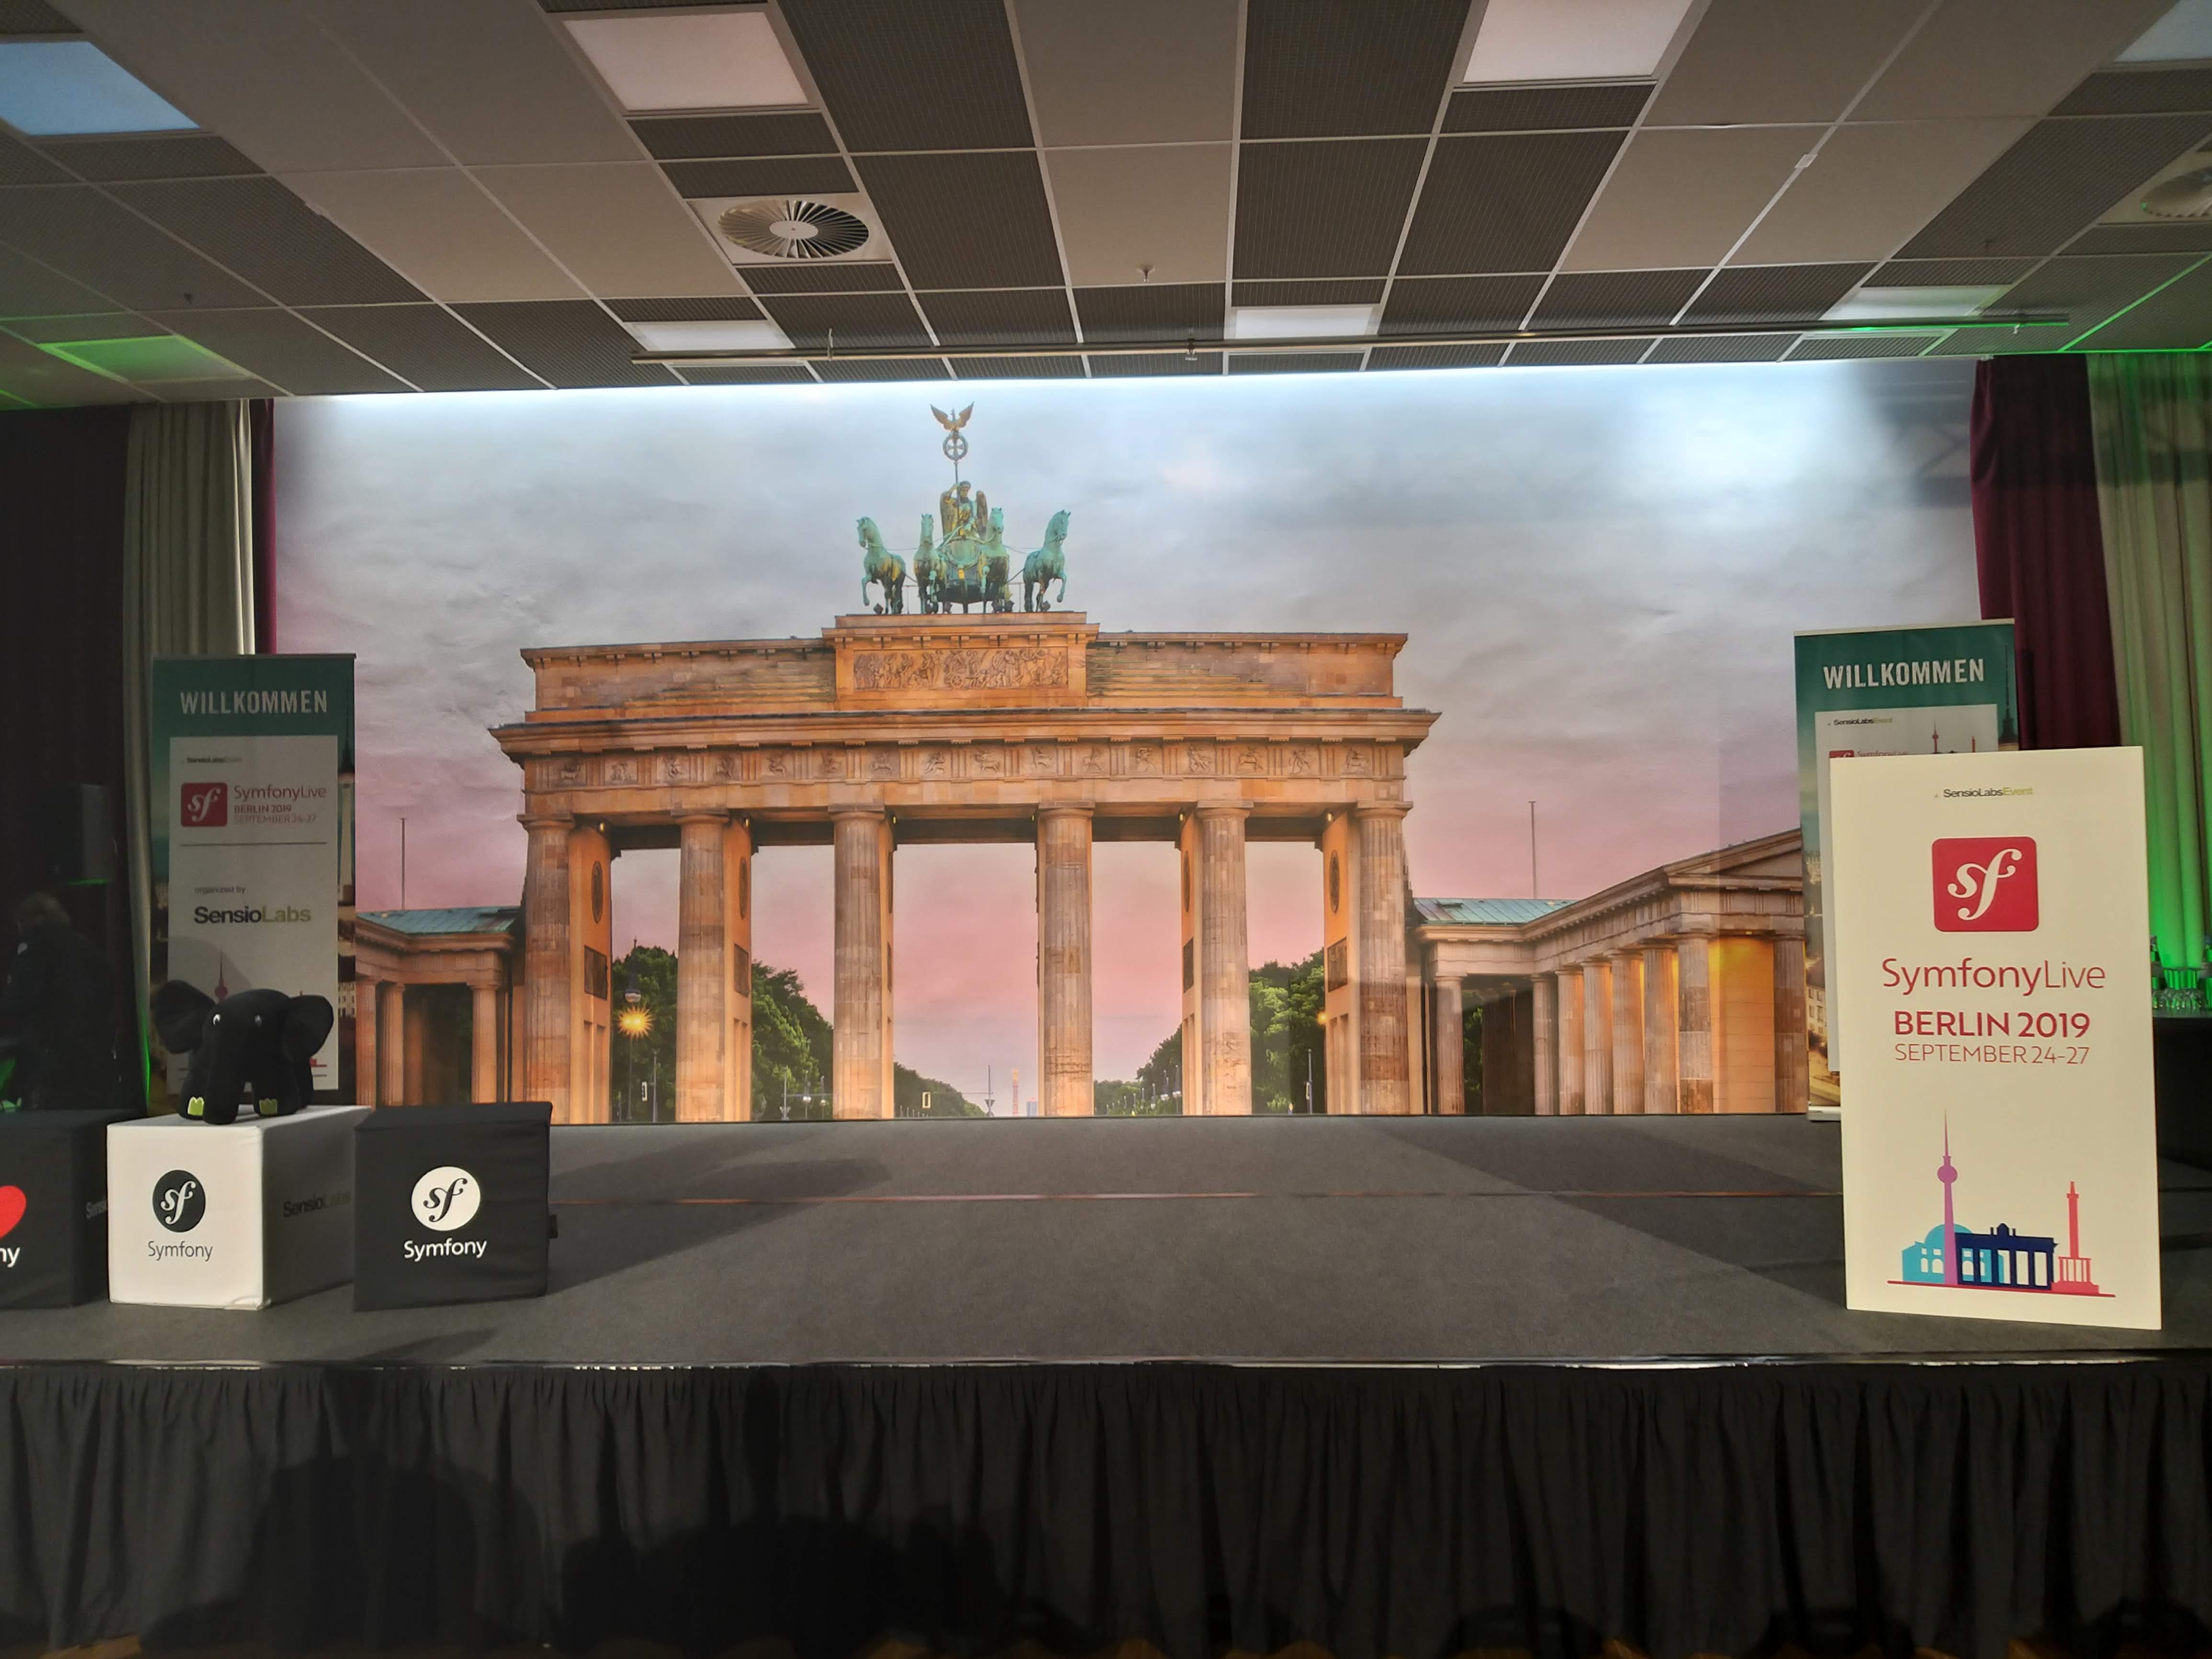 SymfonyLive 2019 Berlin